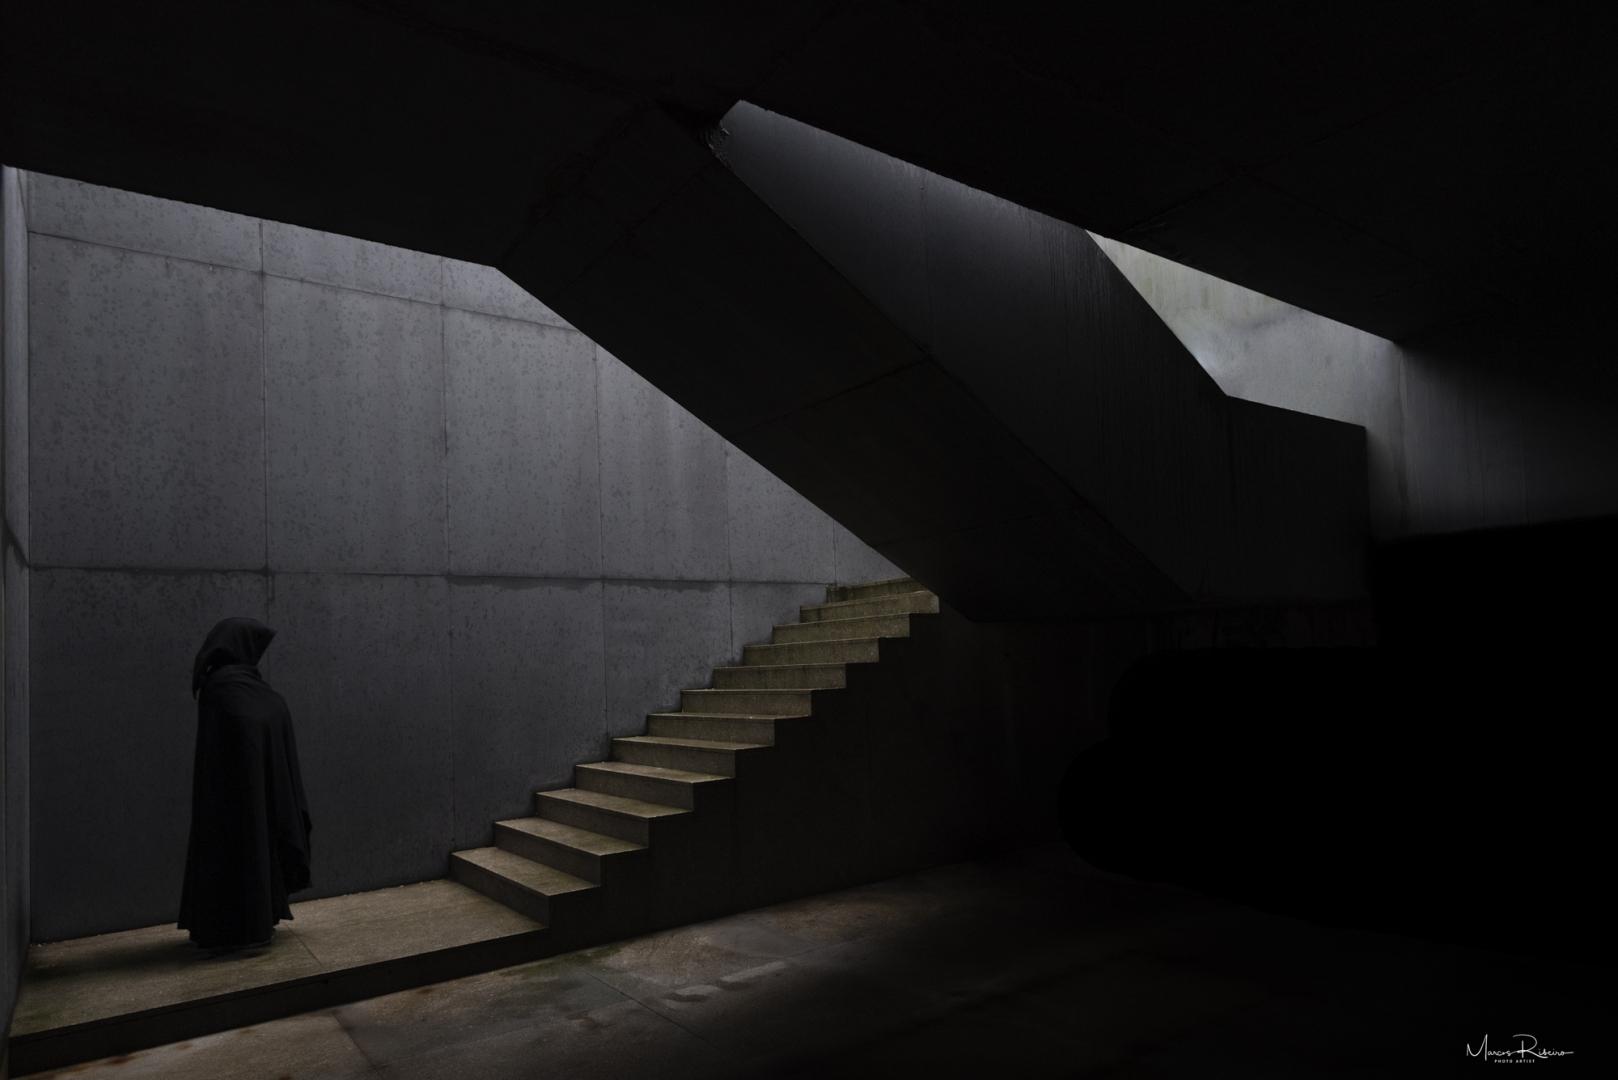 Fotografia de Rua/Light Games